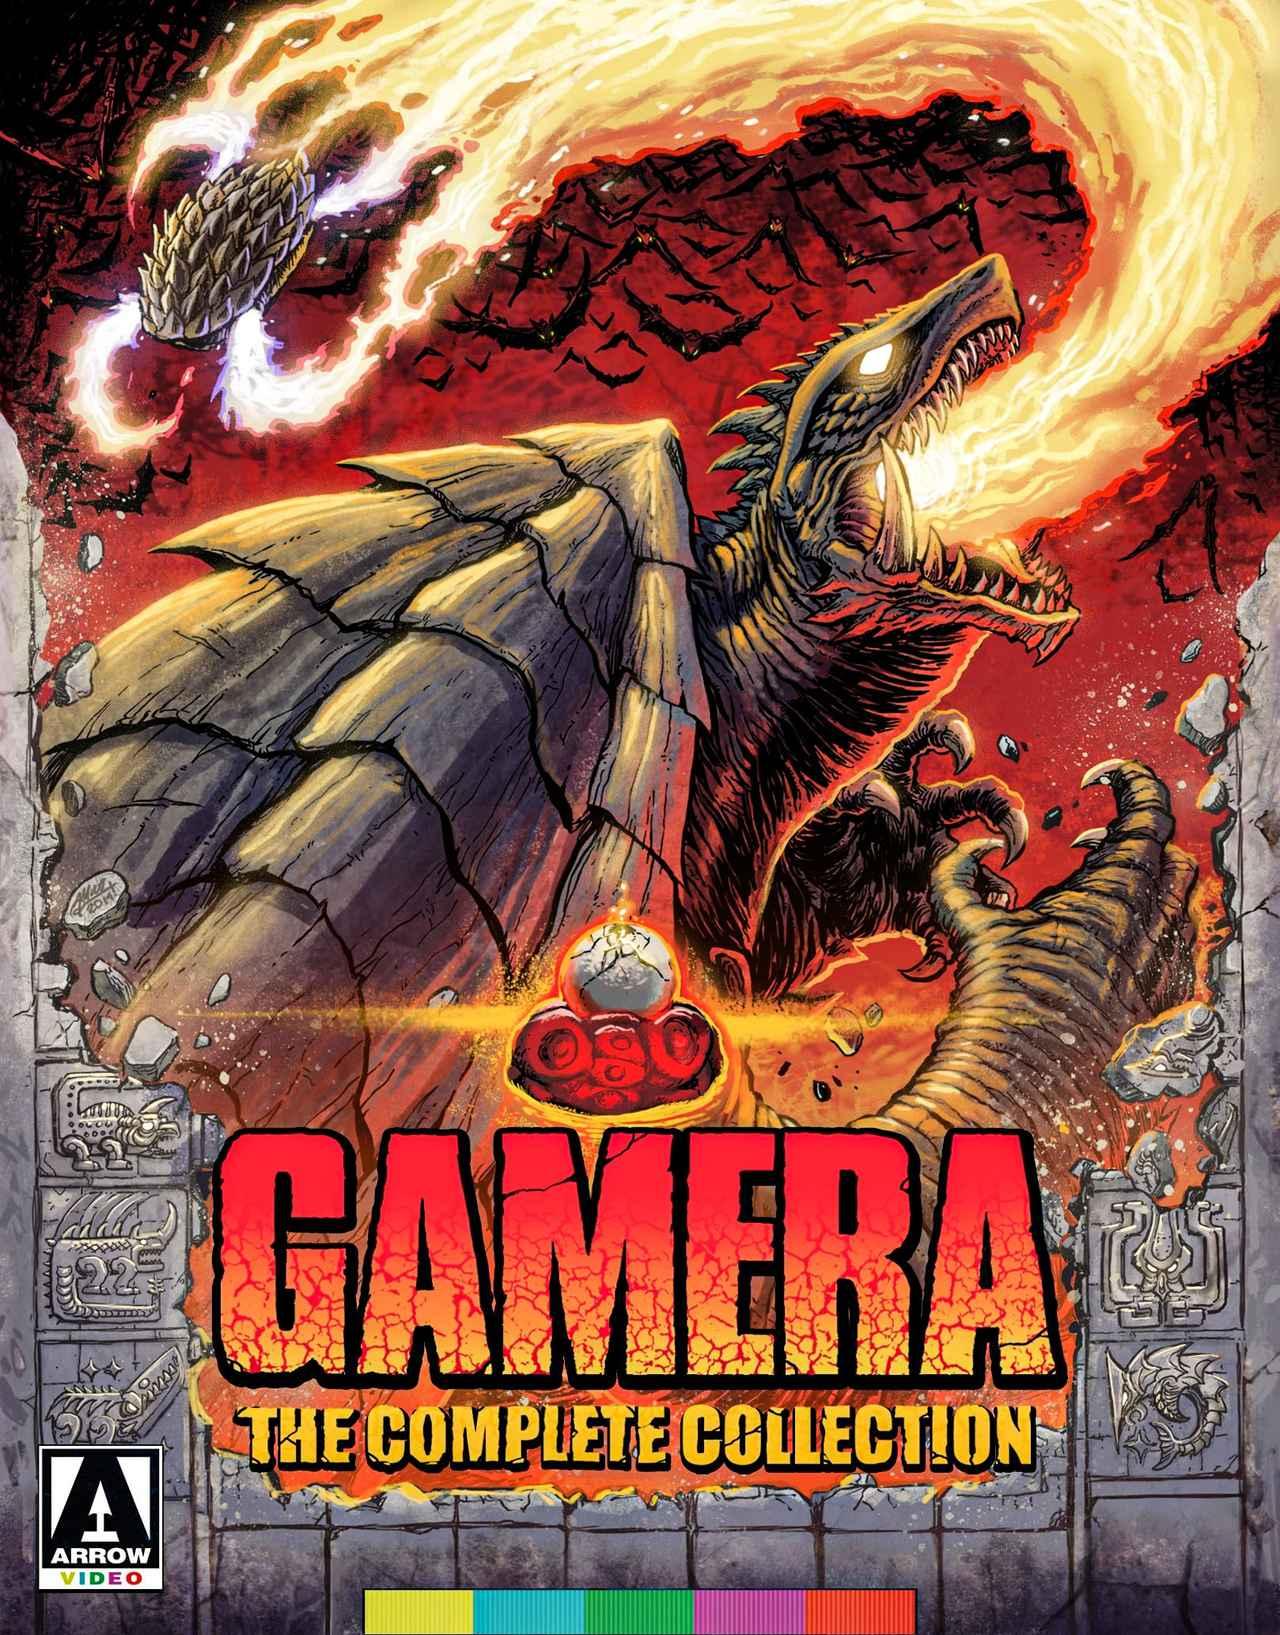 画像1: 大映が生んだ大特撮シリーズ『ガメラ:ザ・コンプリート・コレクション』【海外盤Blu-ray発売情報】